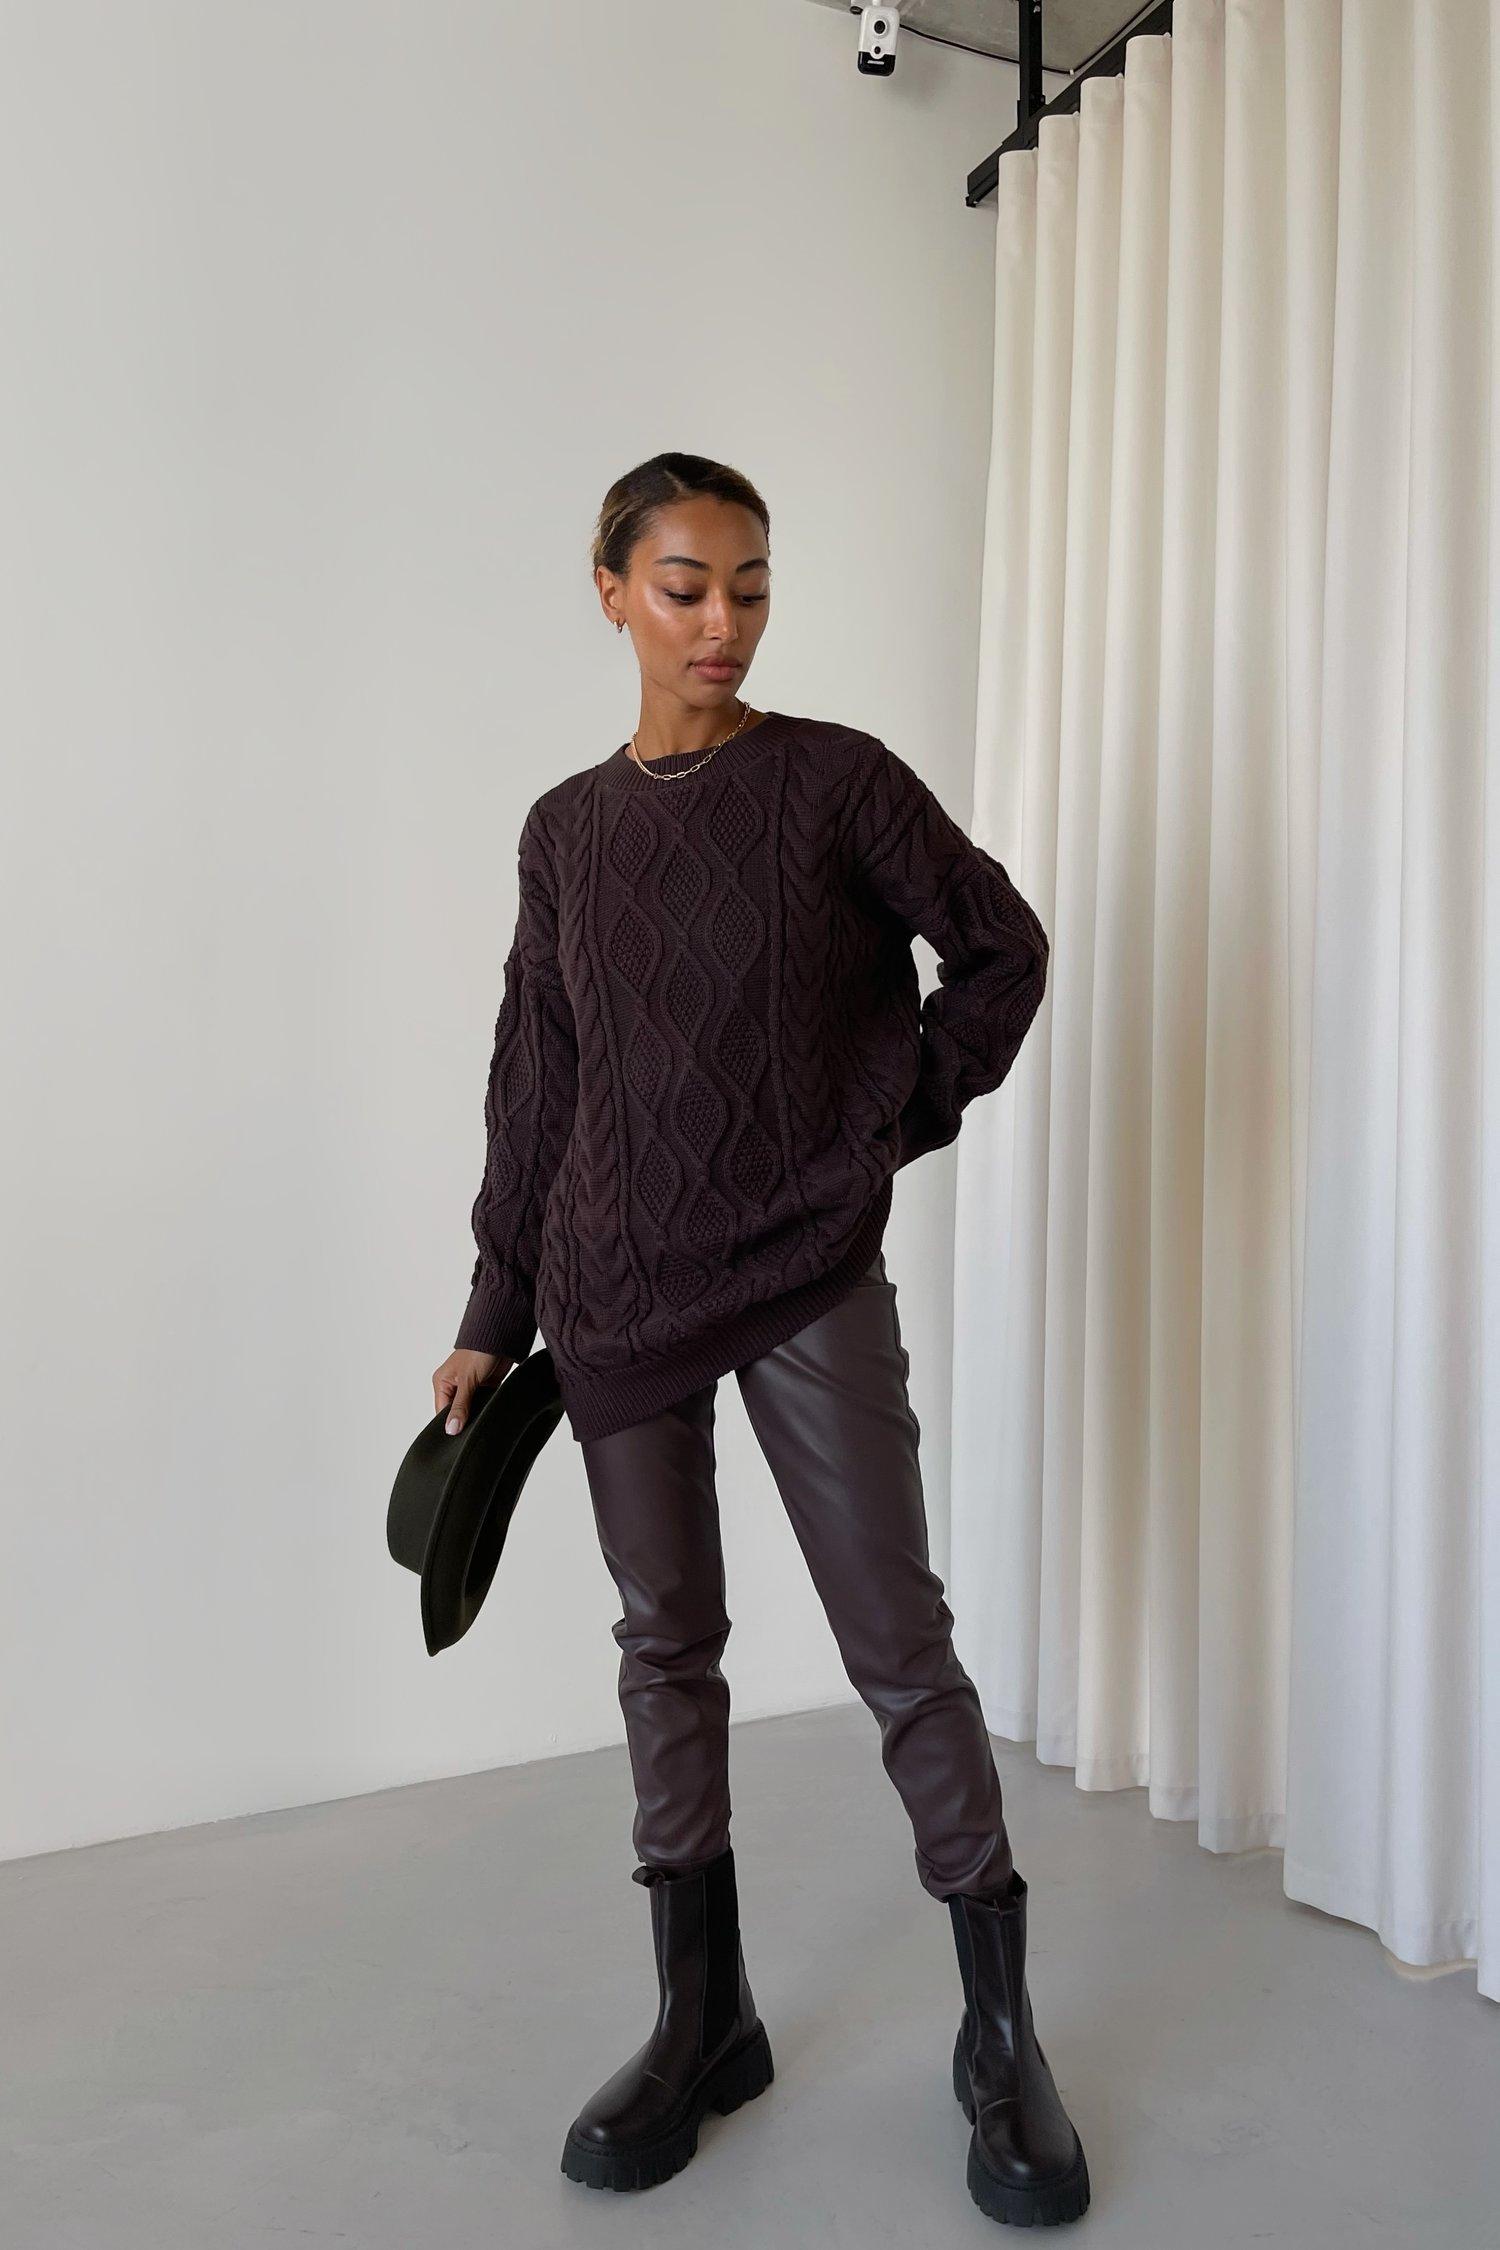 Удлиненный свитер с узором шоколадный - THE LACE